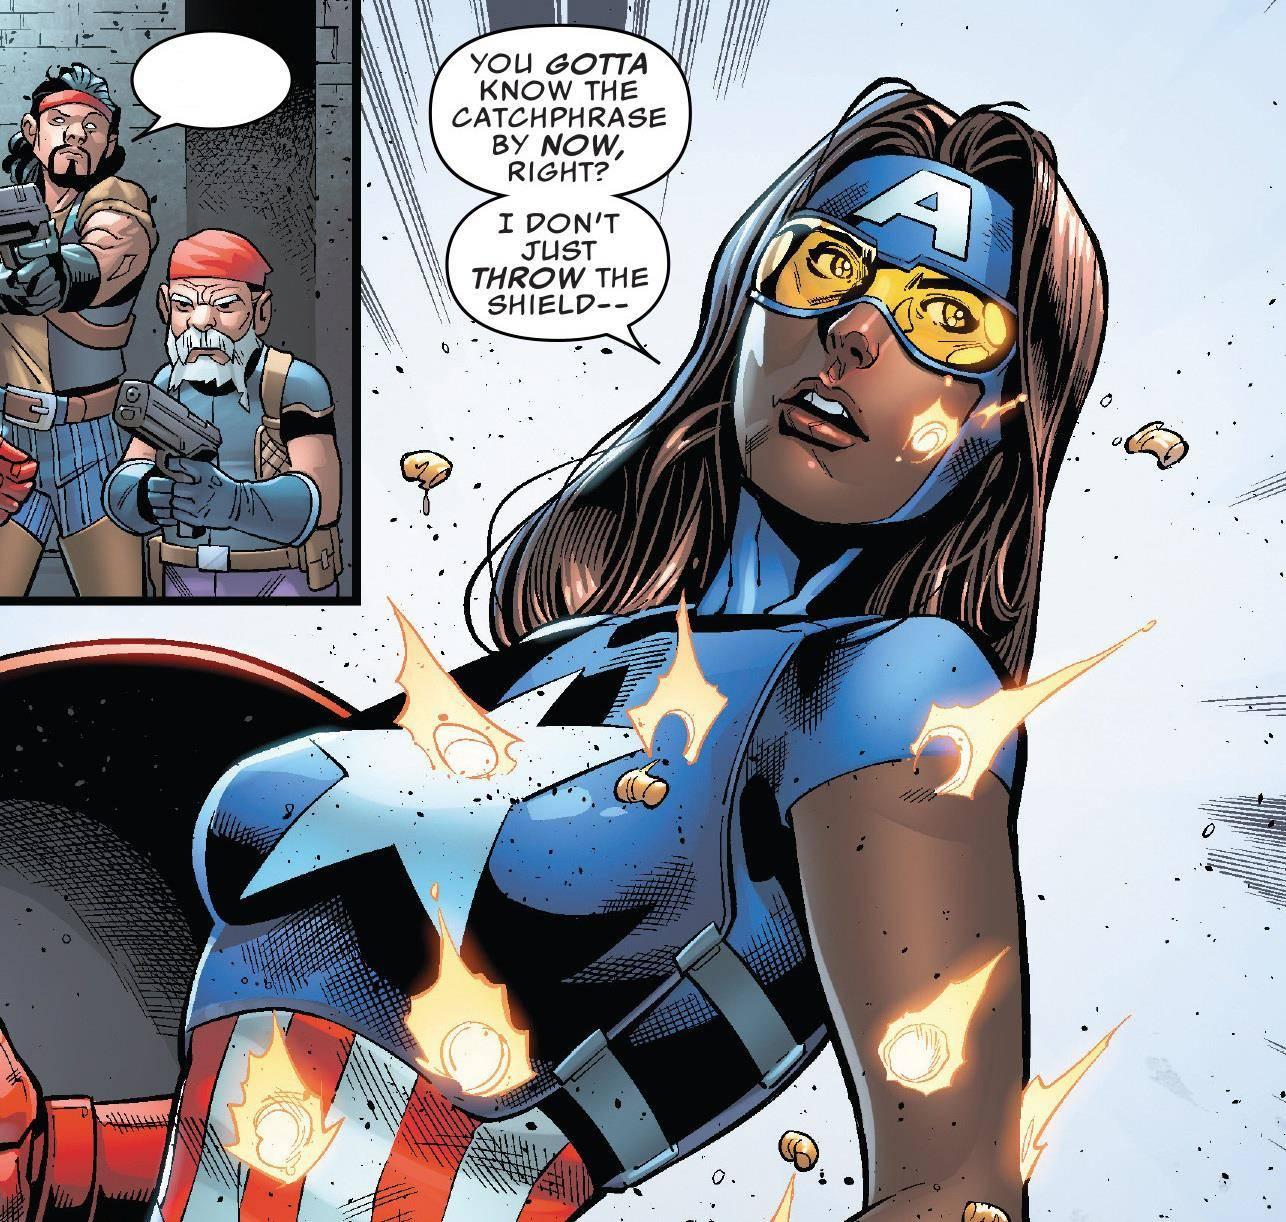 不满猎鹰接任?这个超英二代混血女美国队长,也能举起雷神之锤_丹妮尔·凯奇